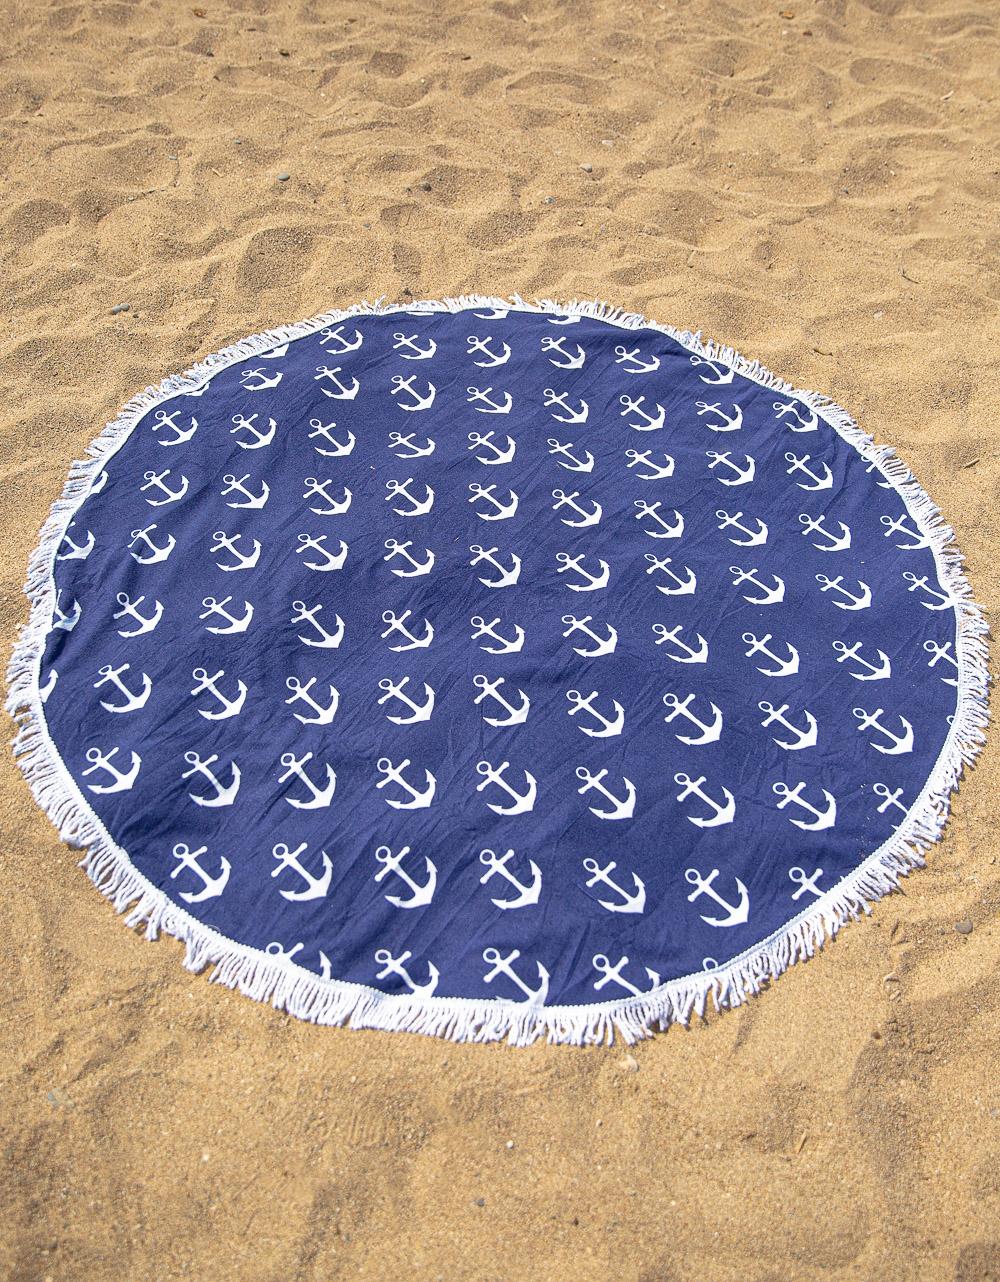 Εικόνα από Γυναικεία πετσέτα θαλάσσης με σχέδιο άγκυρες Navy